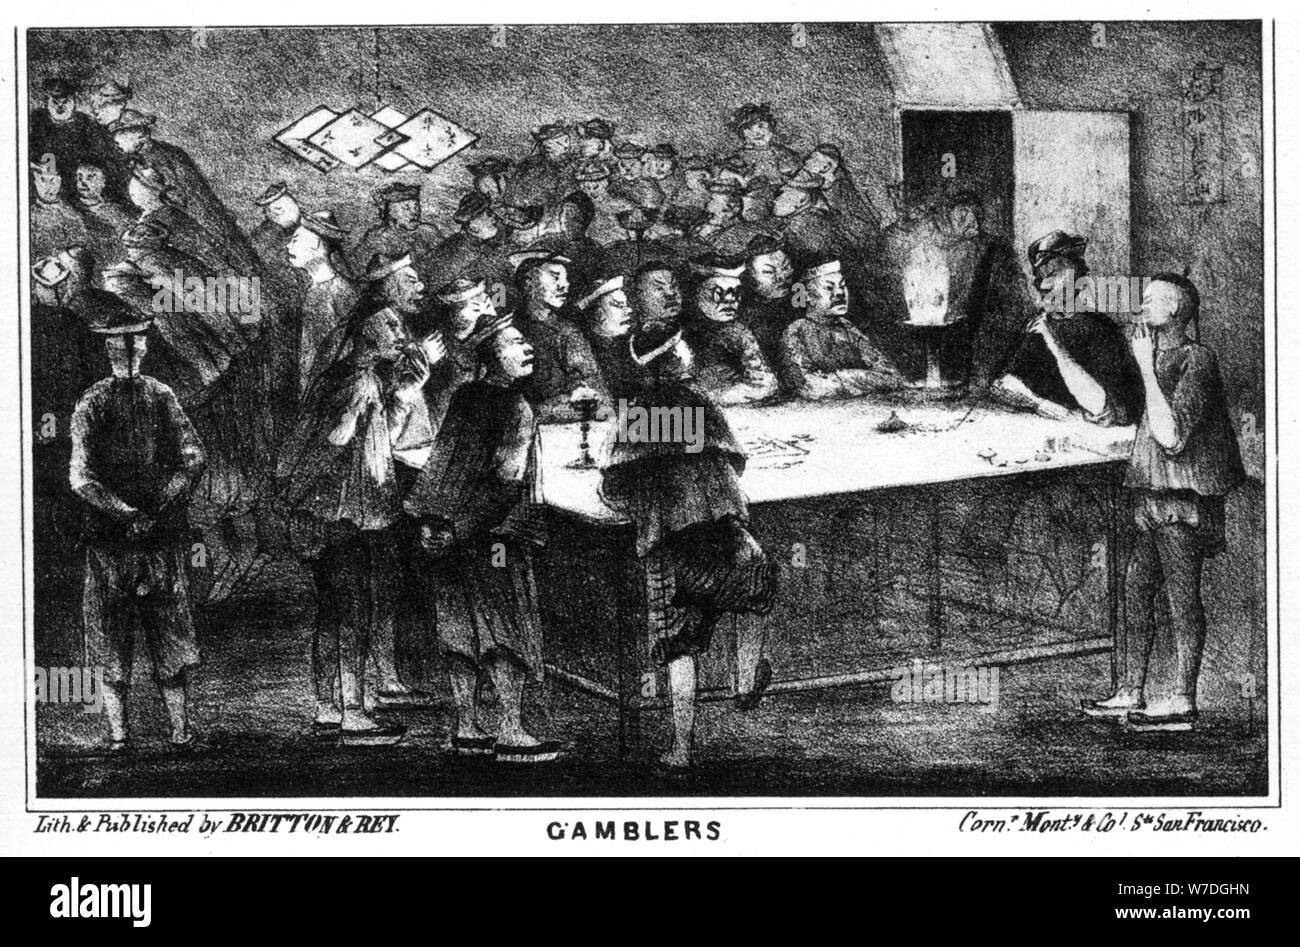 Glücksspiel während des kalifornischen Goldrausches, 19. Jahrhundert (1937). Artist: Britton & Rey Stockfoto